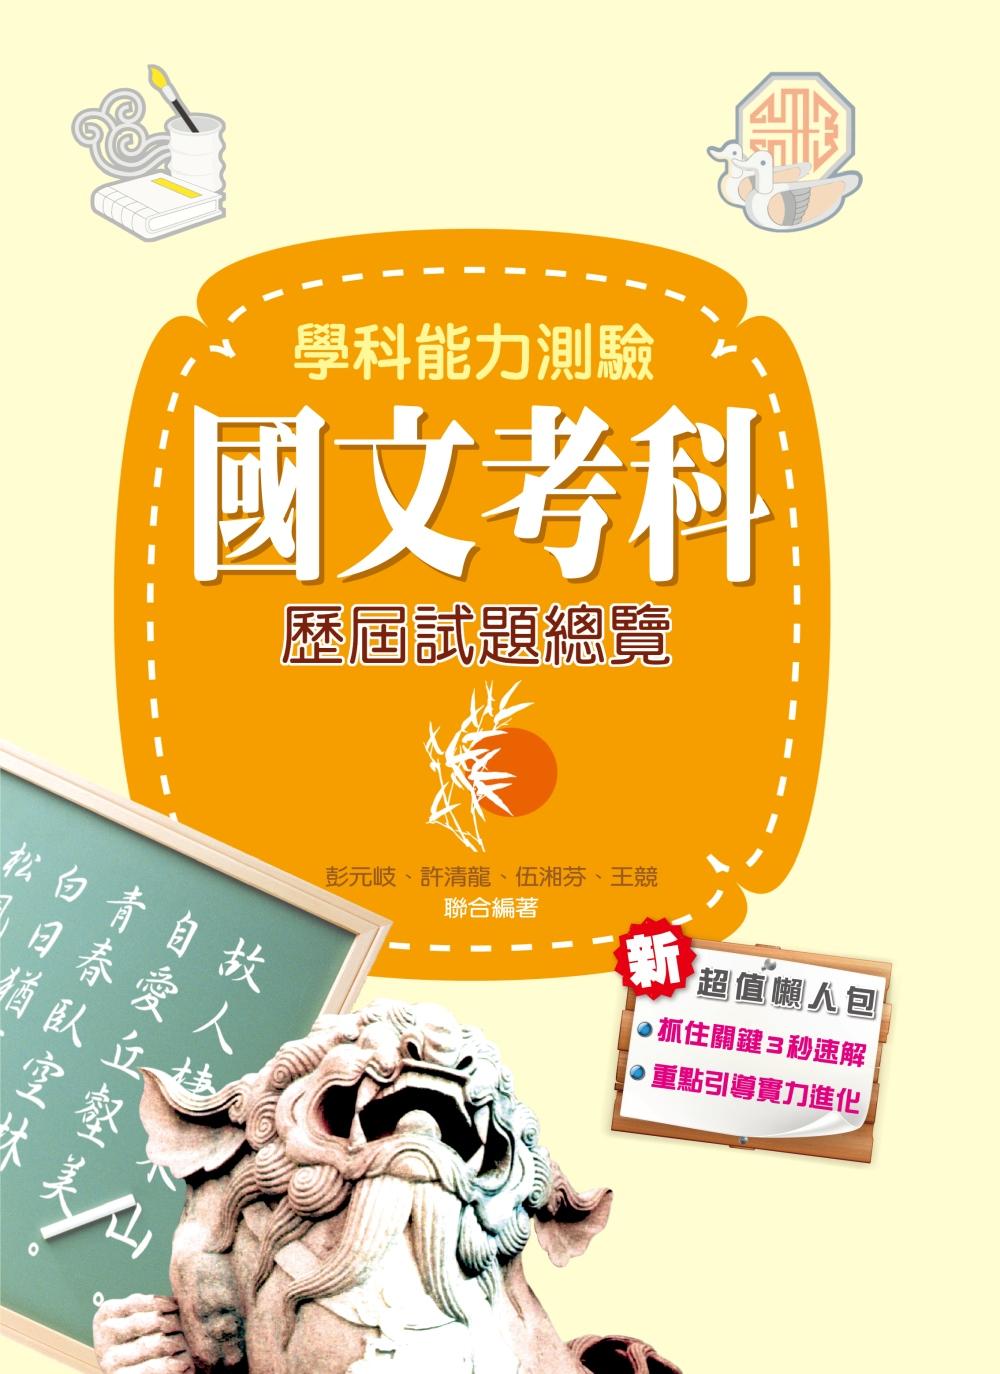 105升大學學科能力測驗國文考科歷屆試題總覽